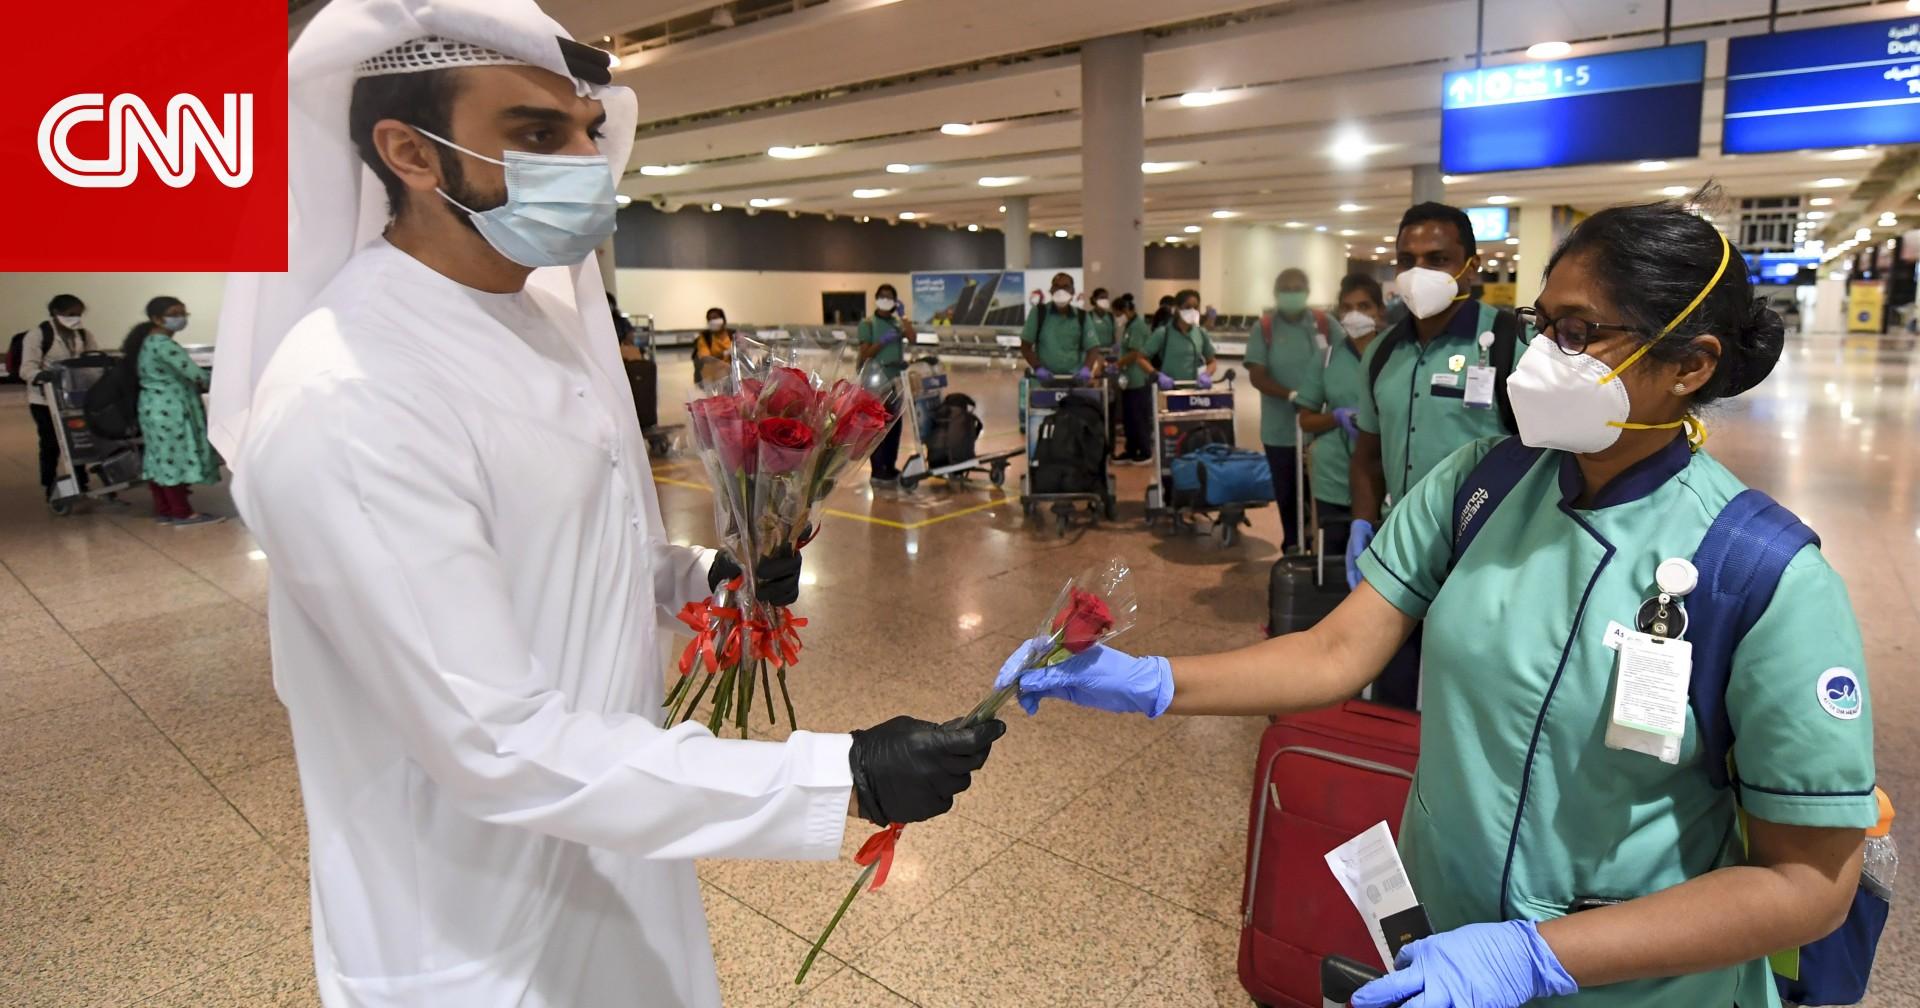 الإمارات تعلن عن مبادرة لإعادة 200 ألف مقيم.. والأولوية للأسر والوظائف الحيوية